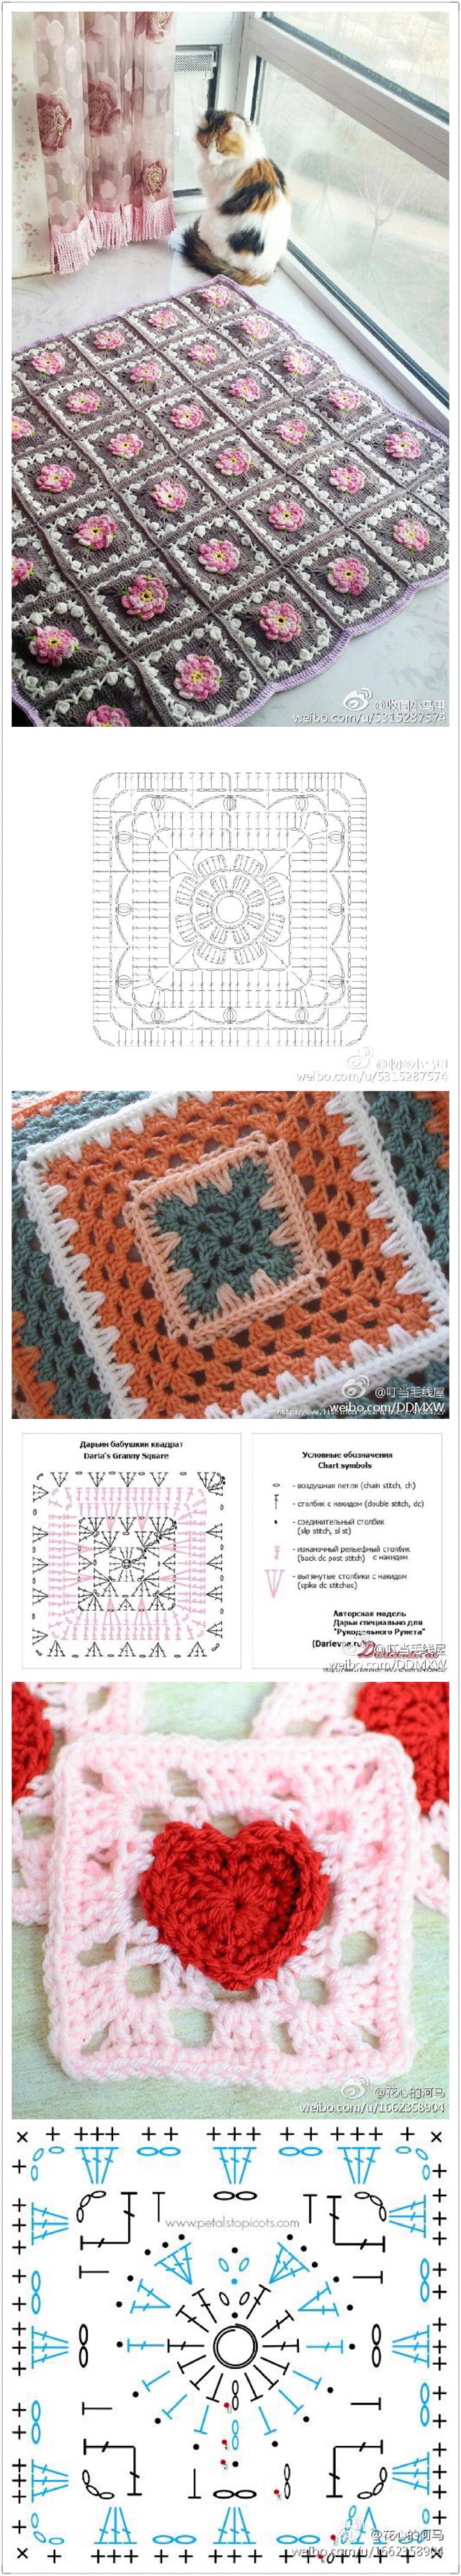 Pin de Nokkapood Tato en crochet pattern | Pinterest